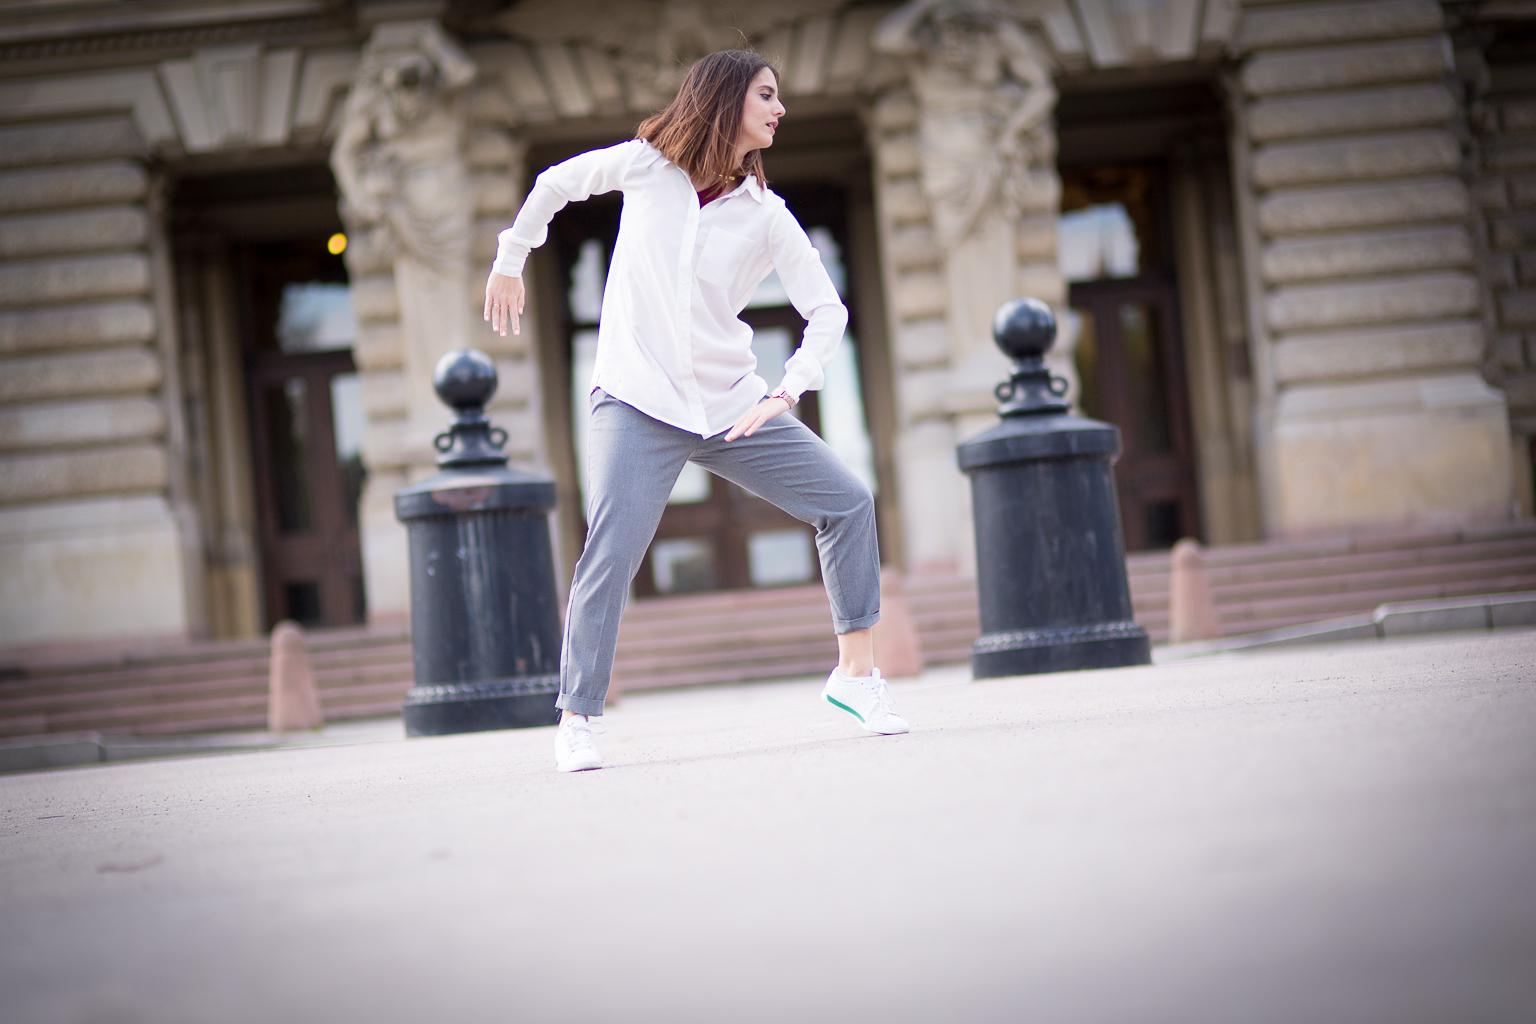 jeune femme dansant dans la rue